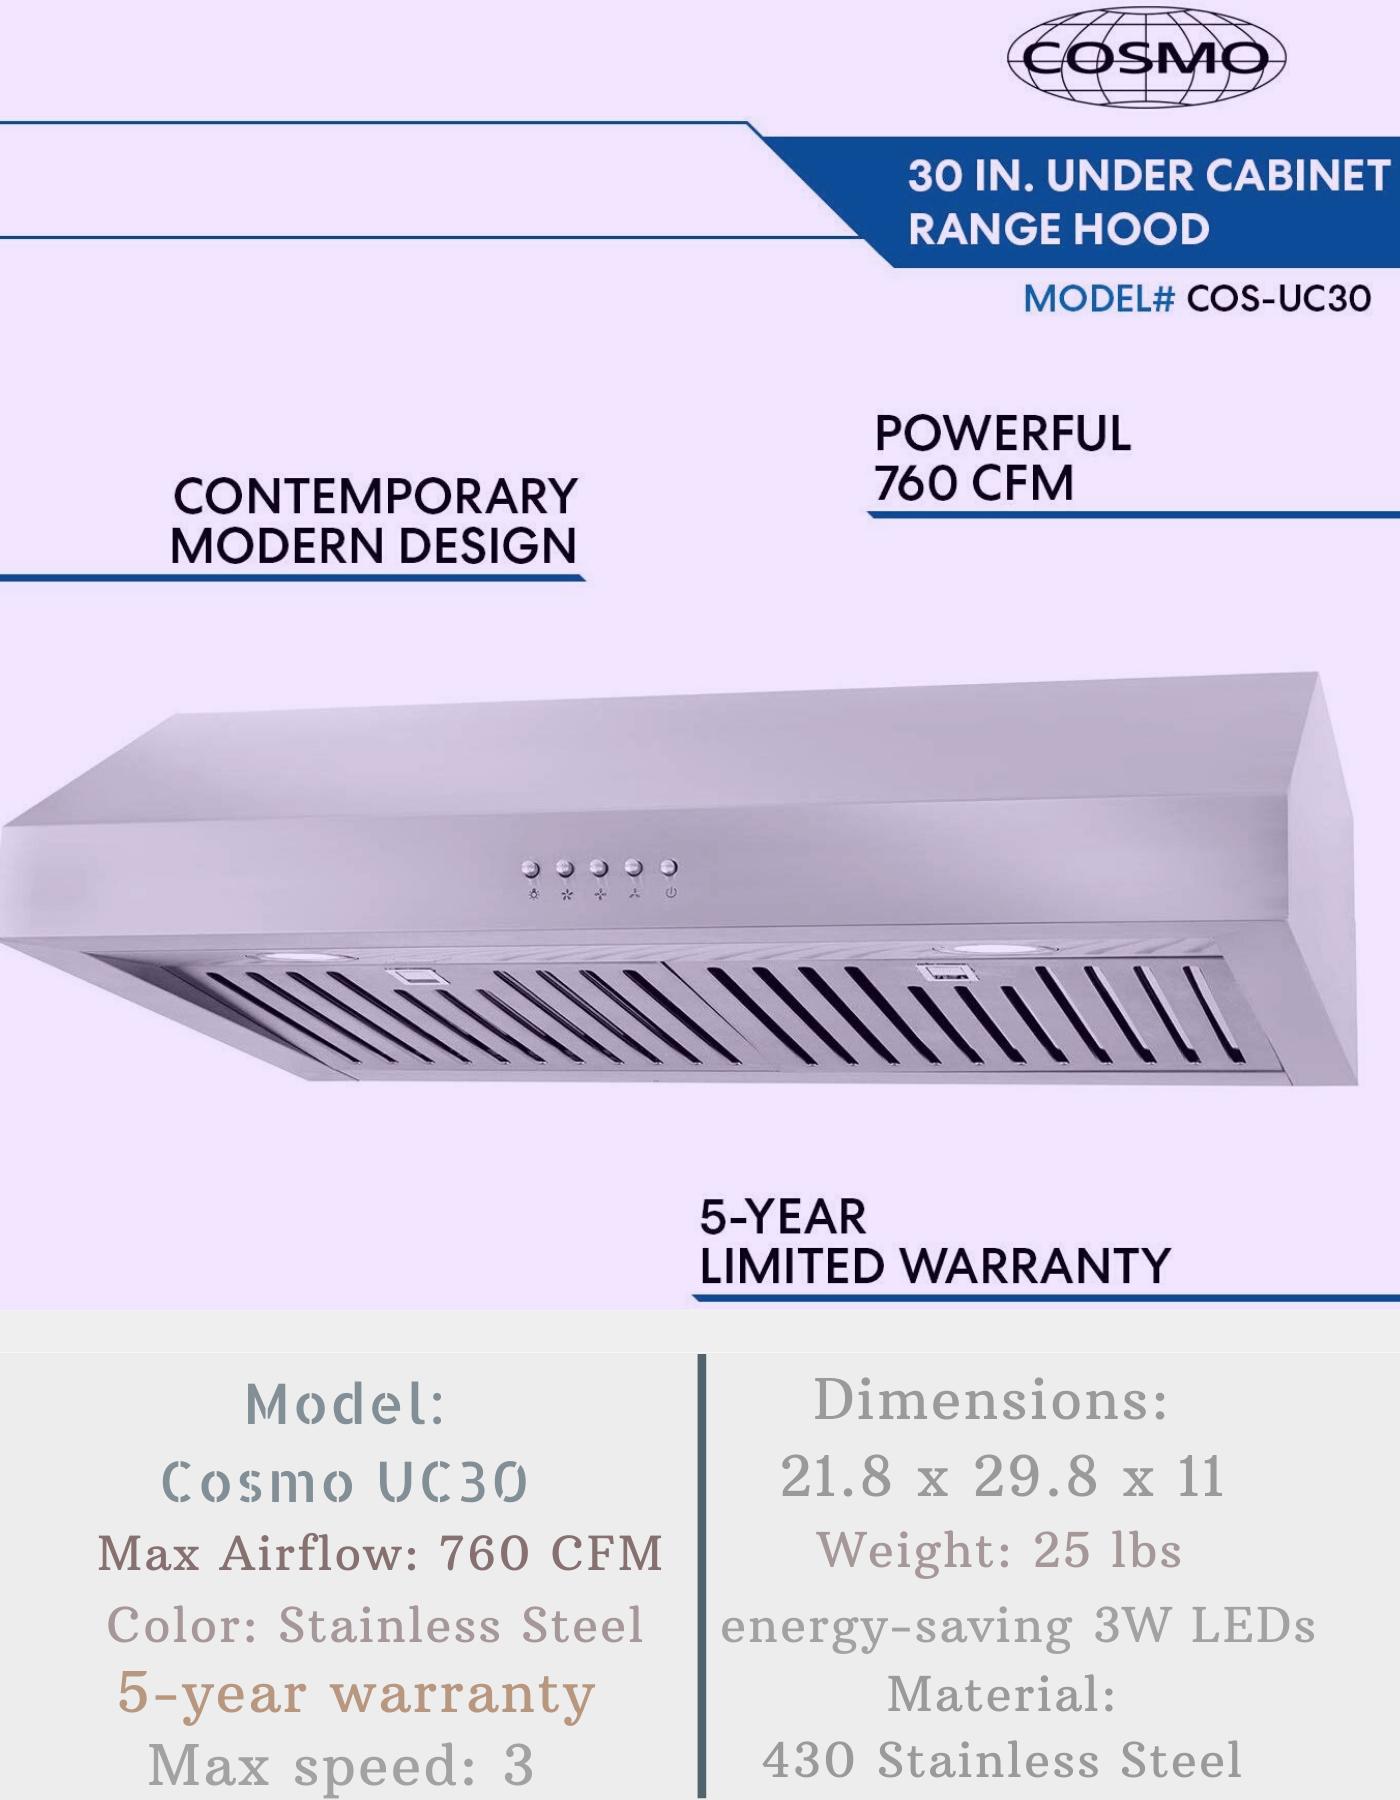 Cosmo Uc30 Cabinet Range Hood Ductless Range Hood Range Hood Range Hood Reviews